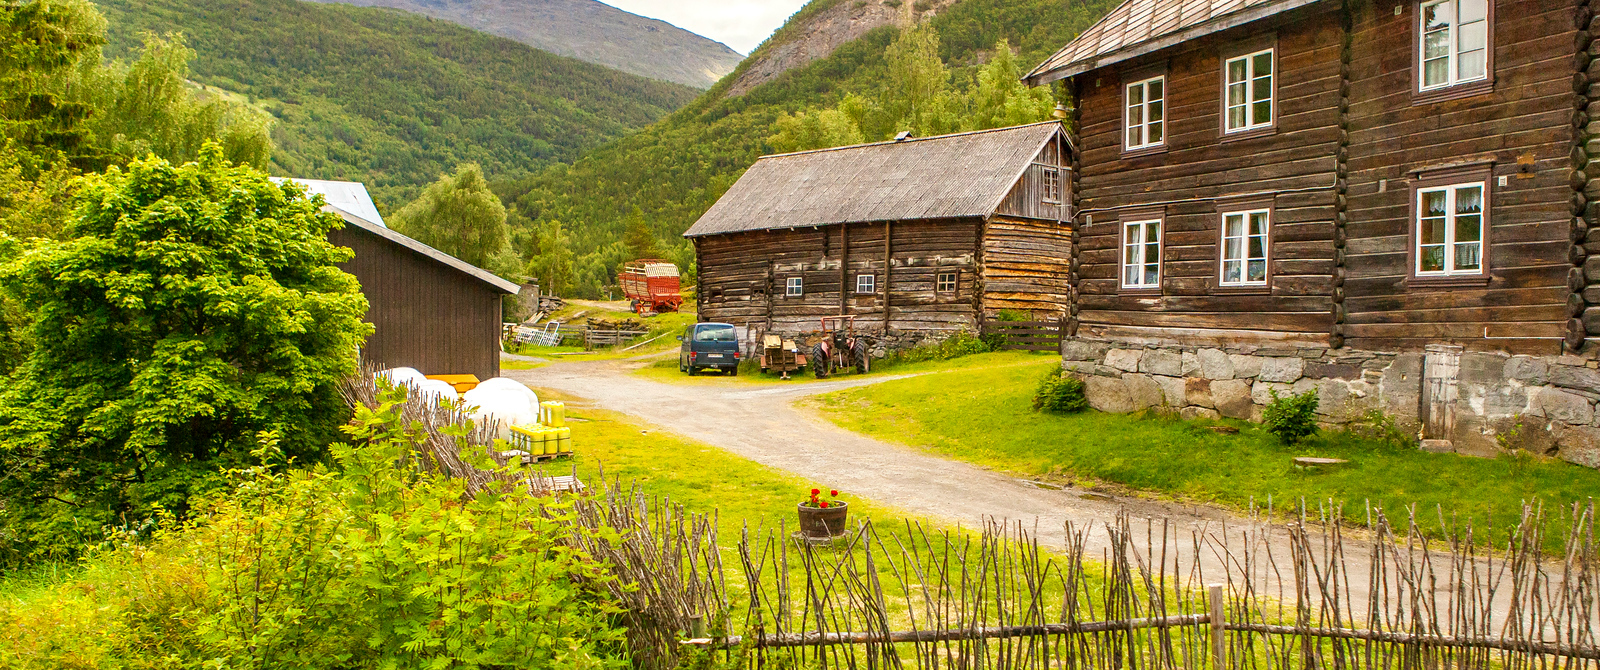 北欧旅途,农庄的前前后后